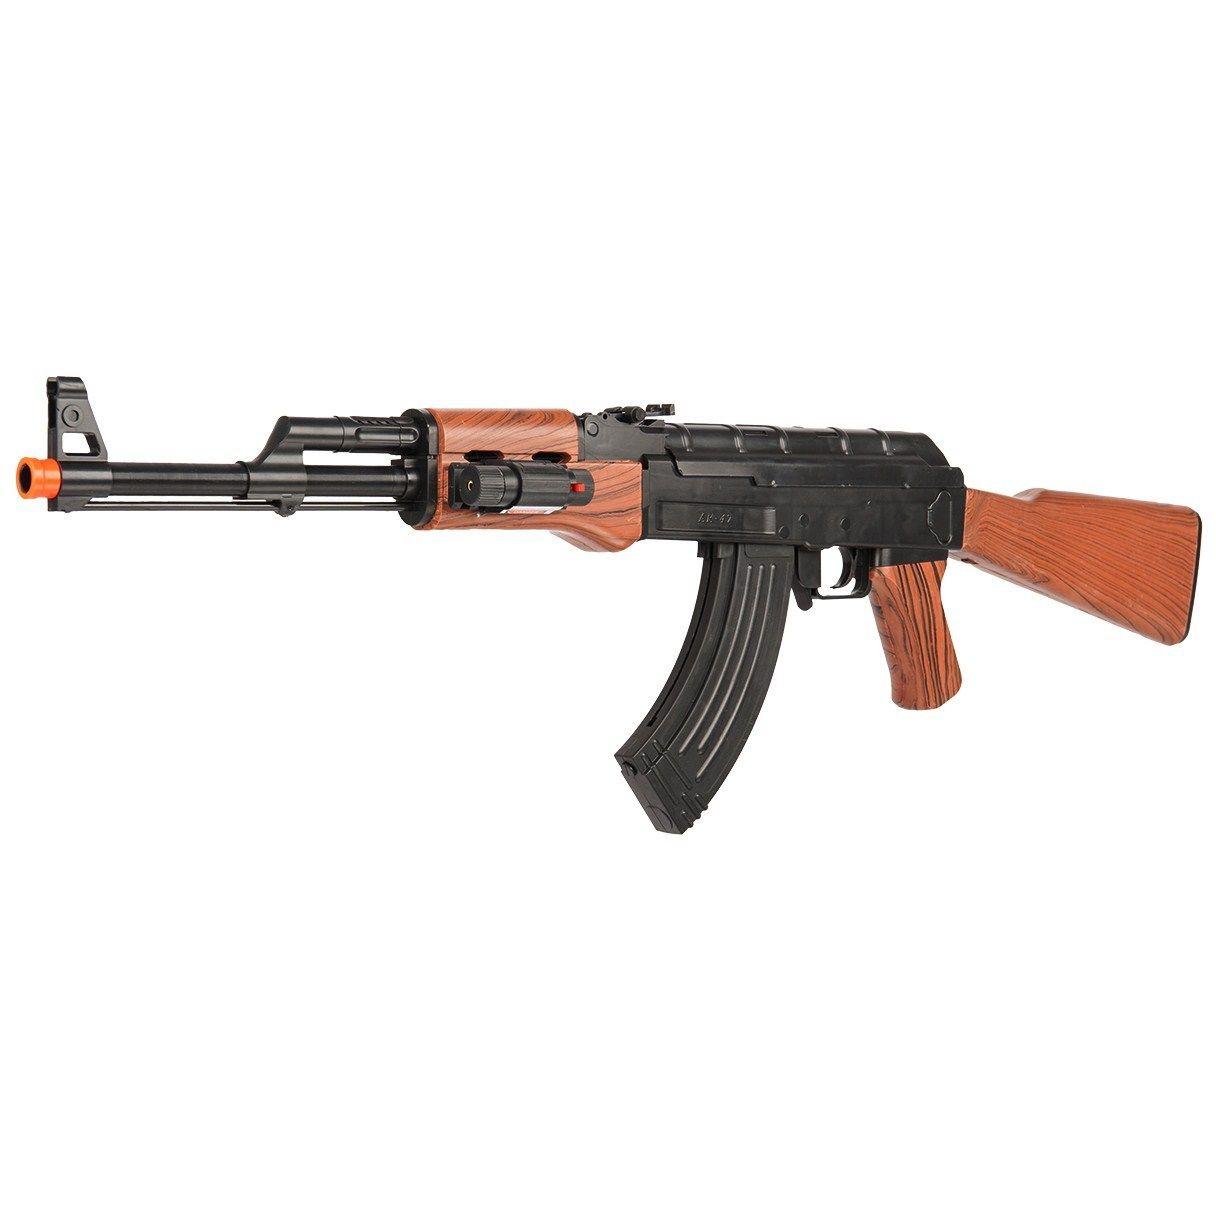 Toy Gun Lot 4 Airsoft Spring Guns Rifles FREE Pistols w// Free BB LASER Grip